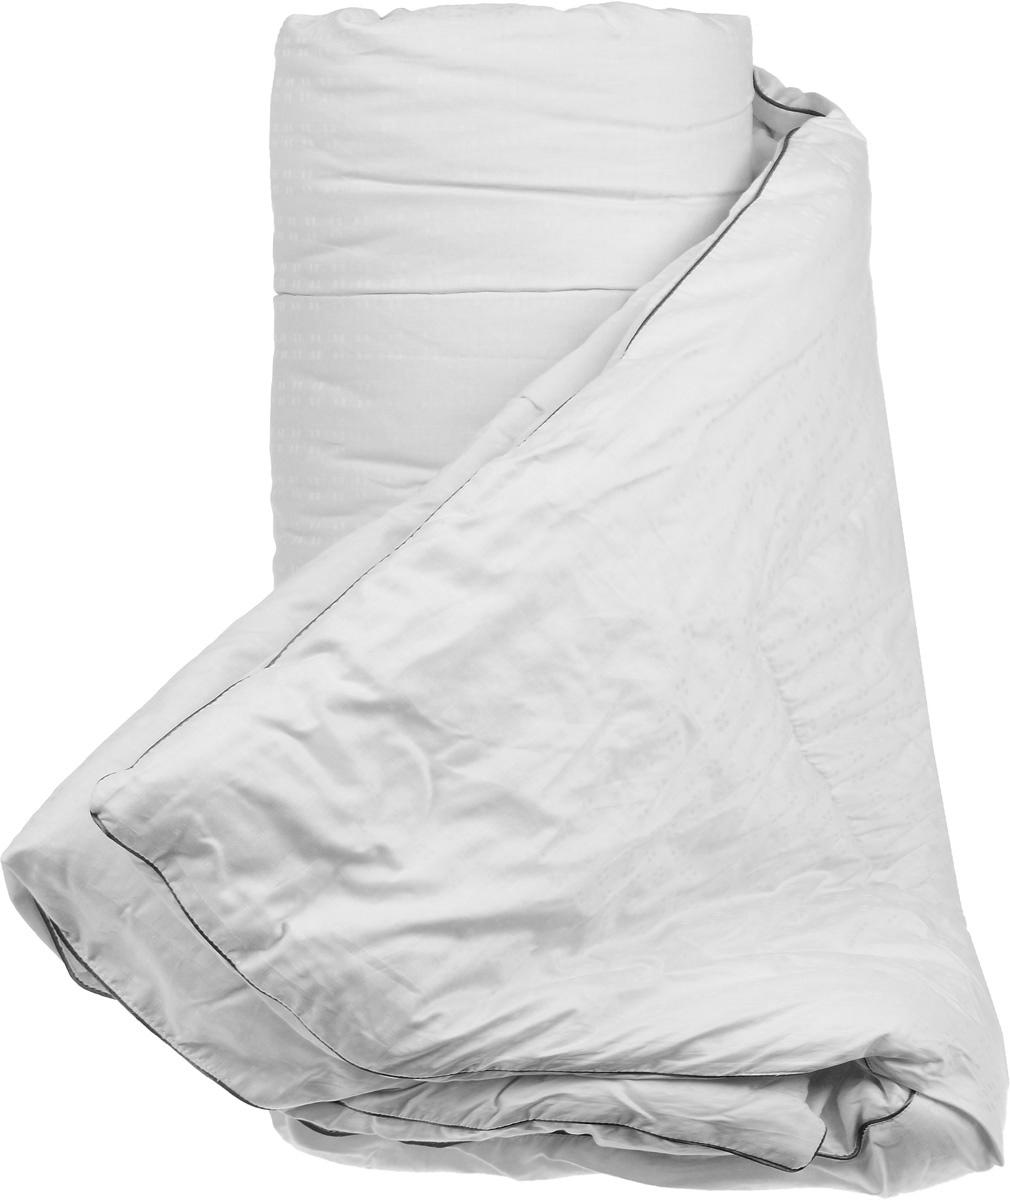 Одеяло теплое Легкие сны Элисон, наполнитель: лебяжий пух, 172 х 205 см172(42)03-ЛПТеплое одеяло Легкие сны Элисон поможет расслабиться, снимет усталость и подарит вам спокойный и здоровый сон. В качестве наполнителя используется синтетический сверхтонкий и практически невесомый материал, названный лебяжьим пухом. Изделия с наполнителем из искусственного пуха легкие, мягкие и не вызывают аллергии. Чехол изделия, выполненный из белоснежного сатина (100% хлопок), оформлен оригинальным тиснением. Одеяло простегано и отделано по краю атласным кантом серого цвета. Одеяло с таким наполнителем практично, легко стирается и быстро сохнет, сохраняя свои первоначальные свойства. Можно стирать в стиральной машине.